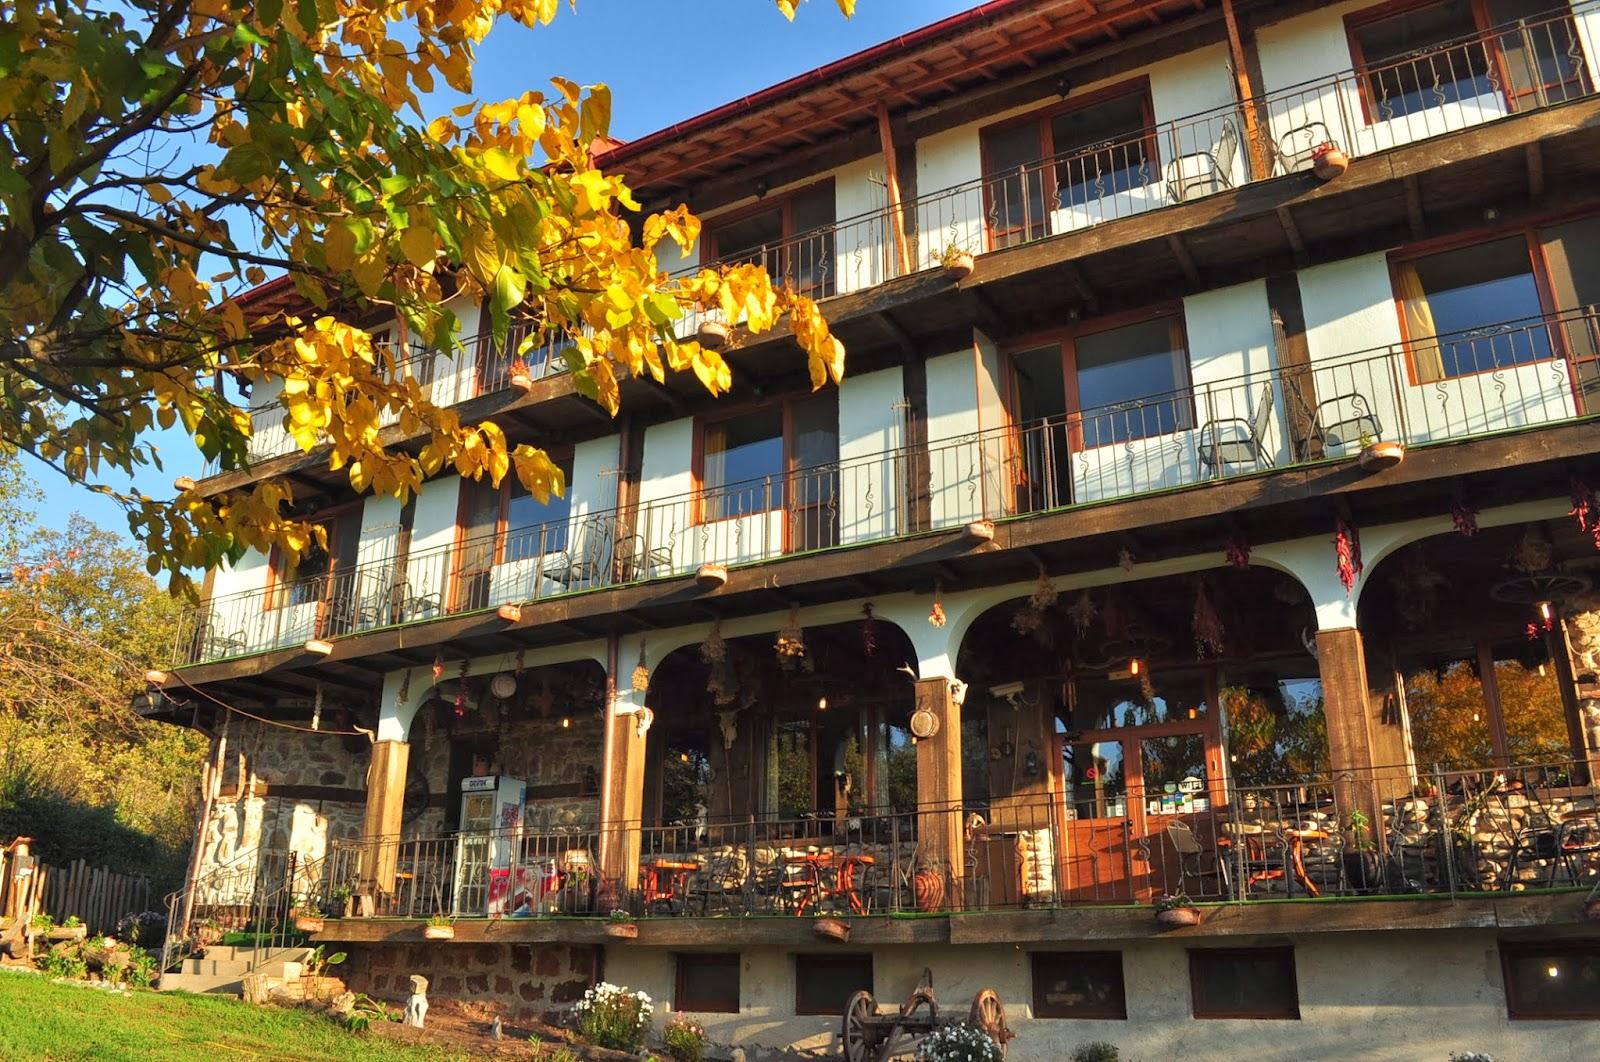 В района на Белоградчик има чудесни хотелчета, предлагащи вкусна домашна кухня, автентична селска атмосфера и неподправено гостоприемство. А собствениците им не могат да се оплачат от липса на клиентела – предимно чуждестранни колоездачи и бекпекъри, както и български семейства през уикендите.